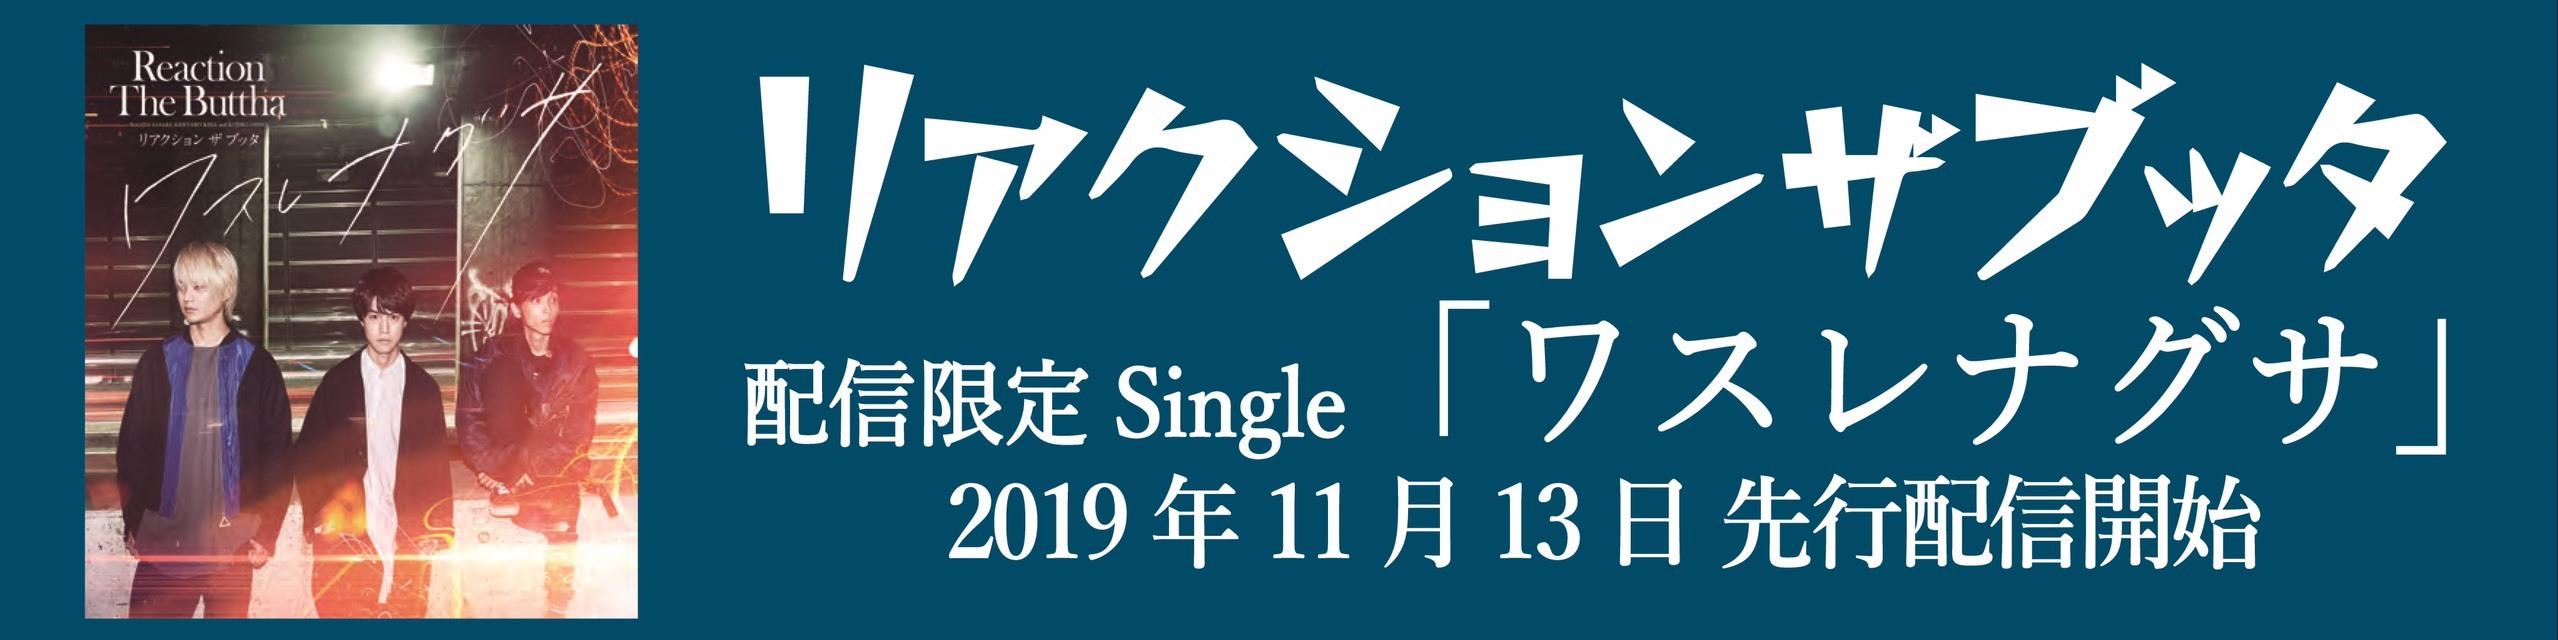 配信限定Single「ワスレナグサ」